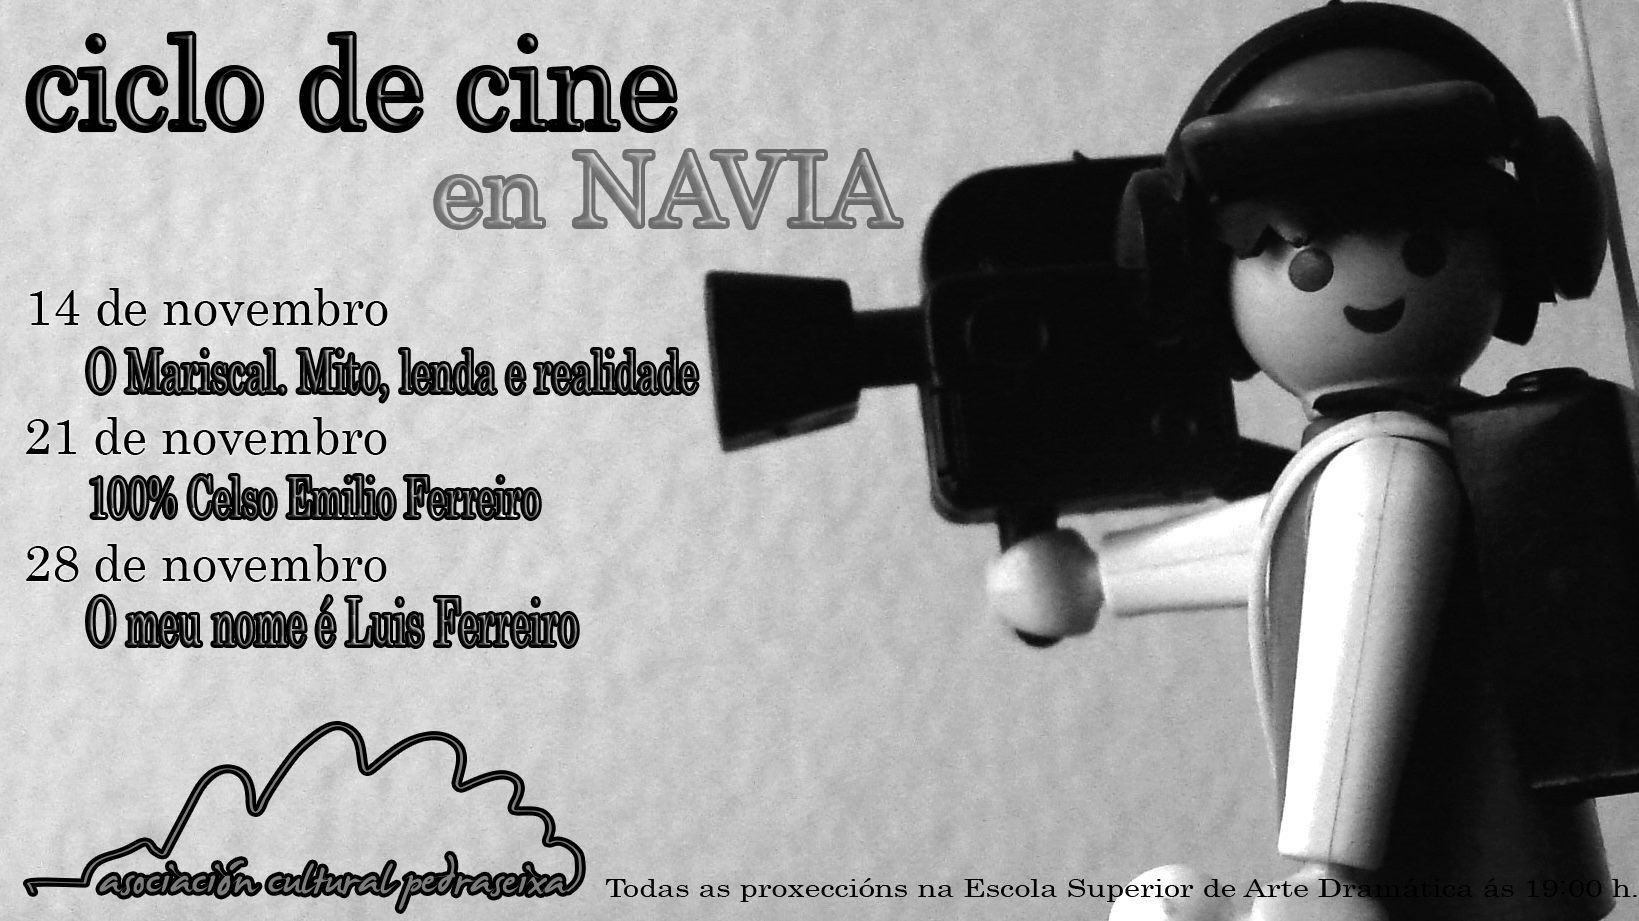 Ciclo de Cine de Navia